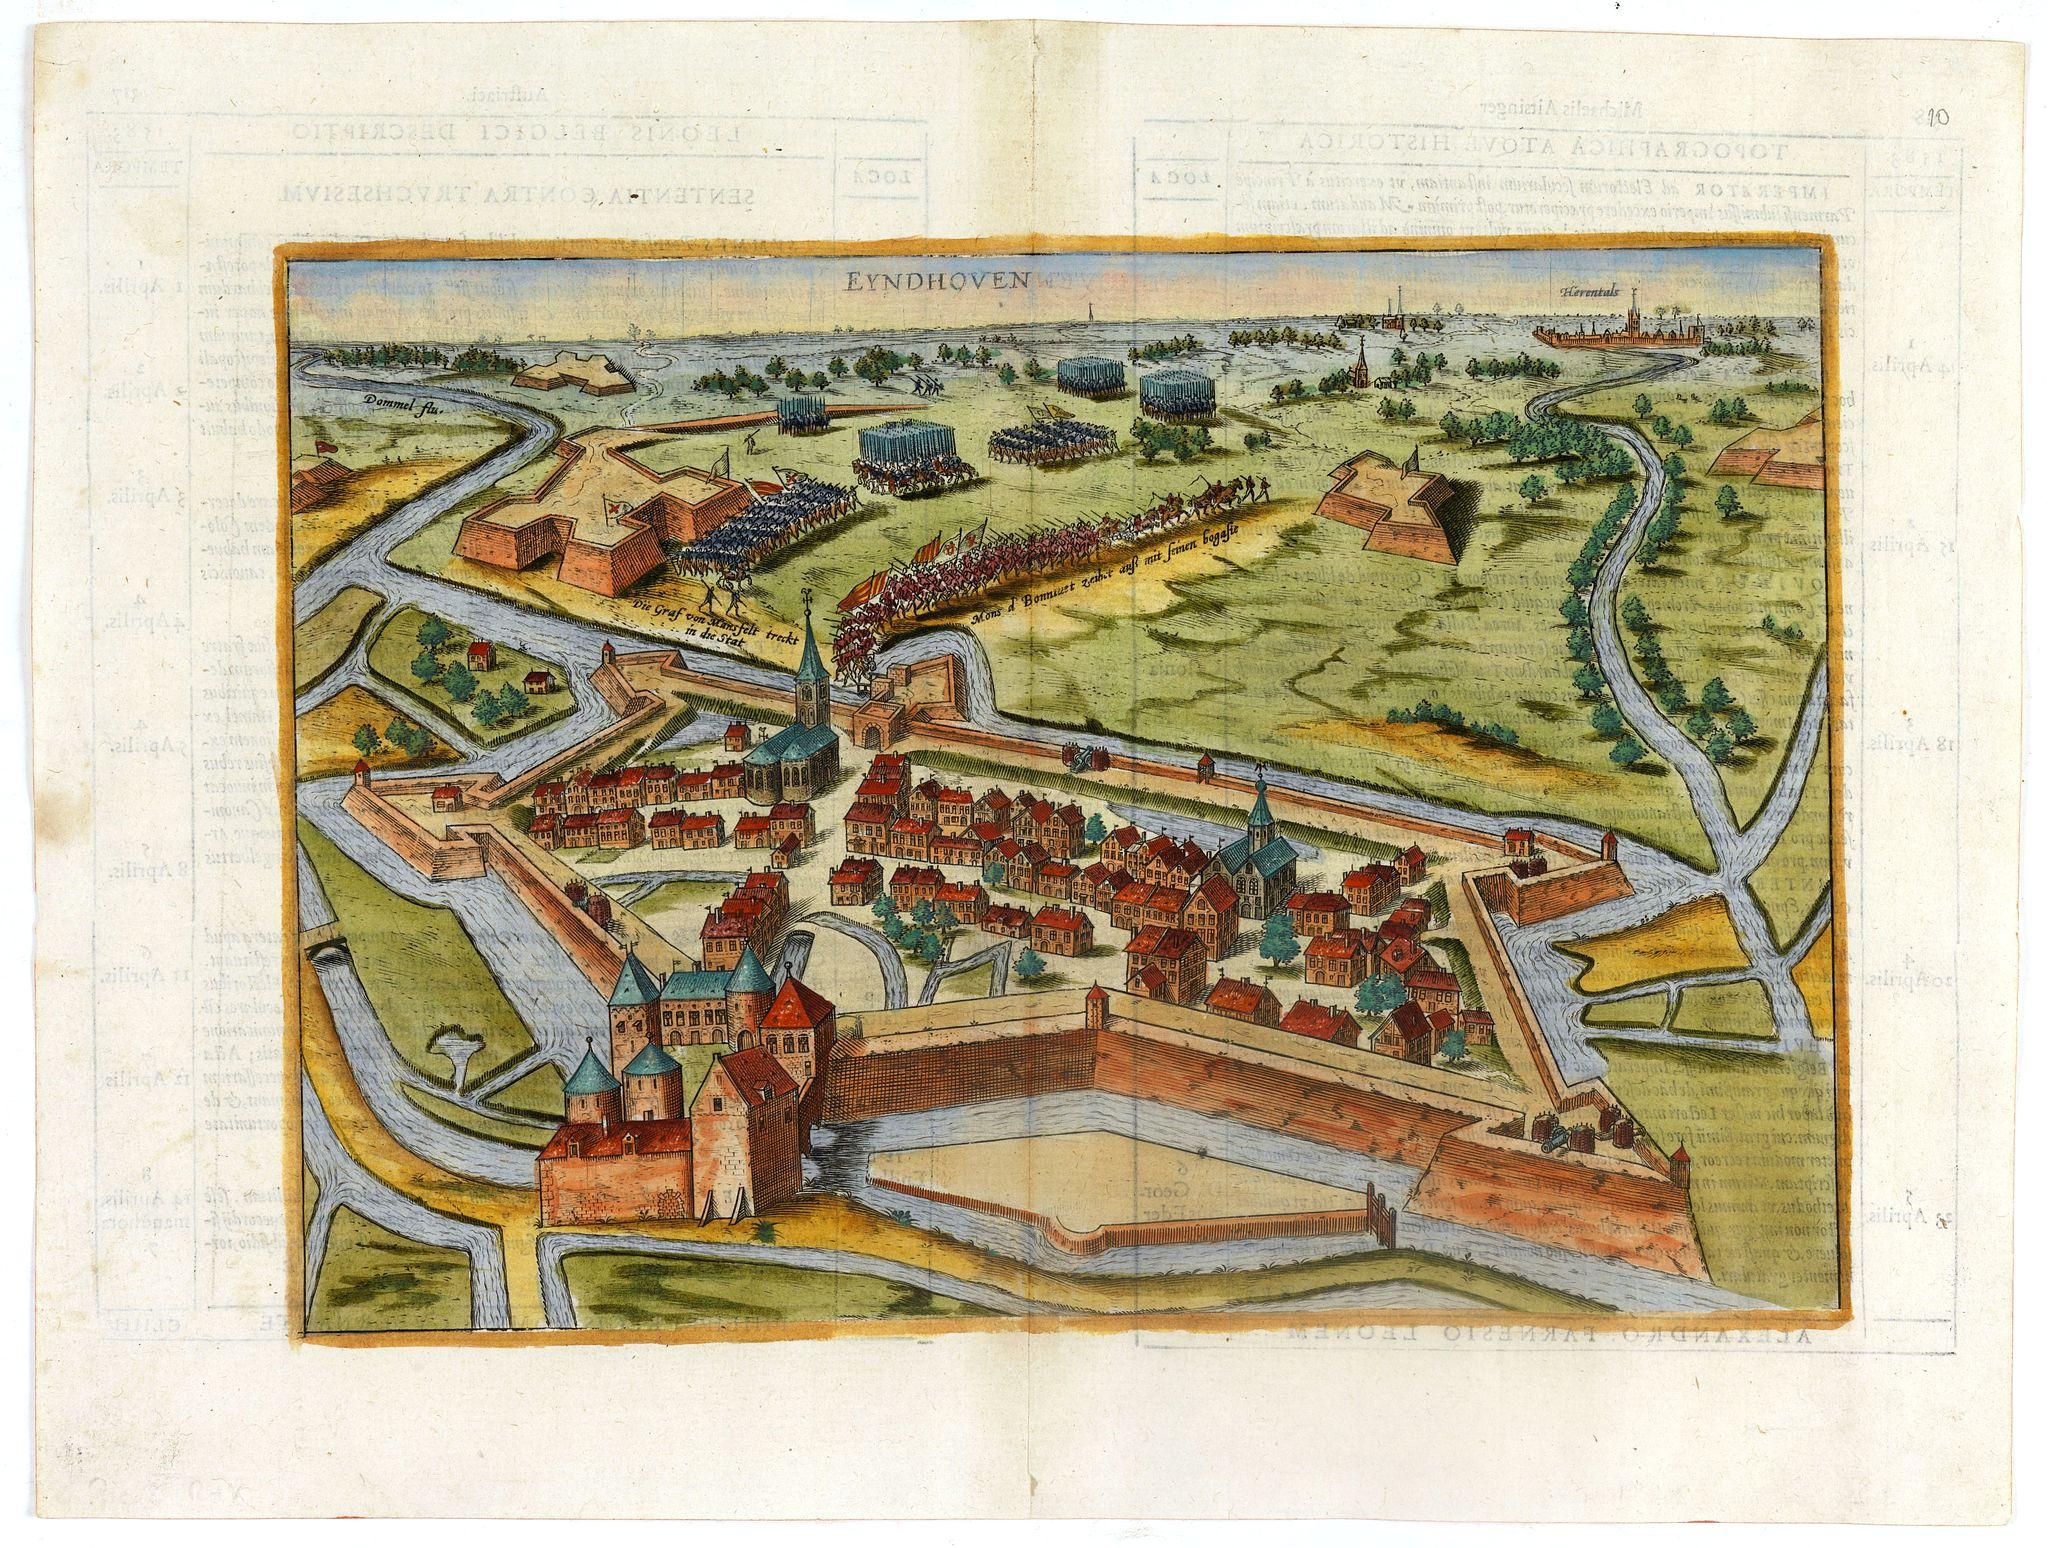 HOGENBERG, F. / EYTZINGER -  EYNDHOVEN - Nach dem Eindhoven mitt kriegs macht. . . .